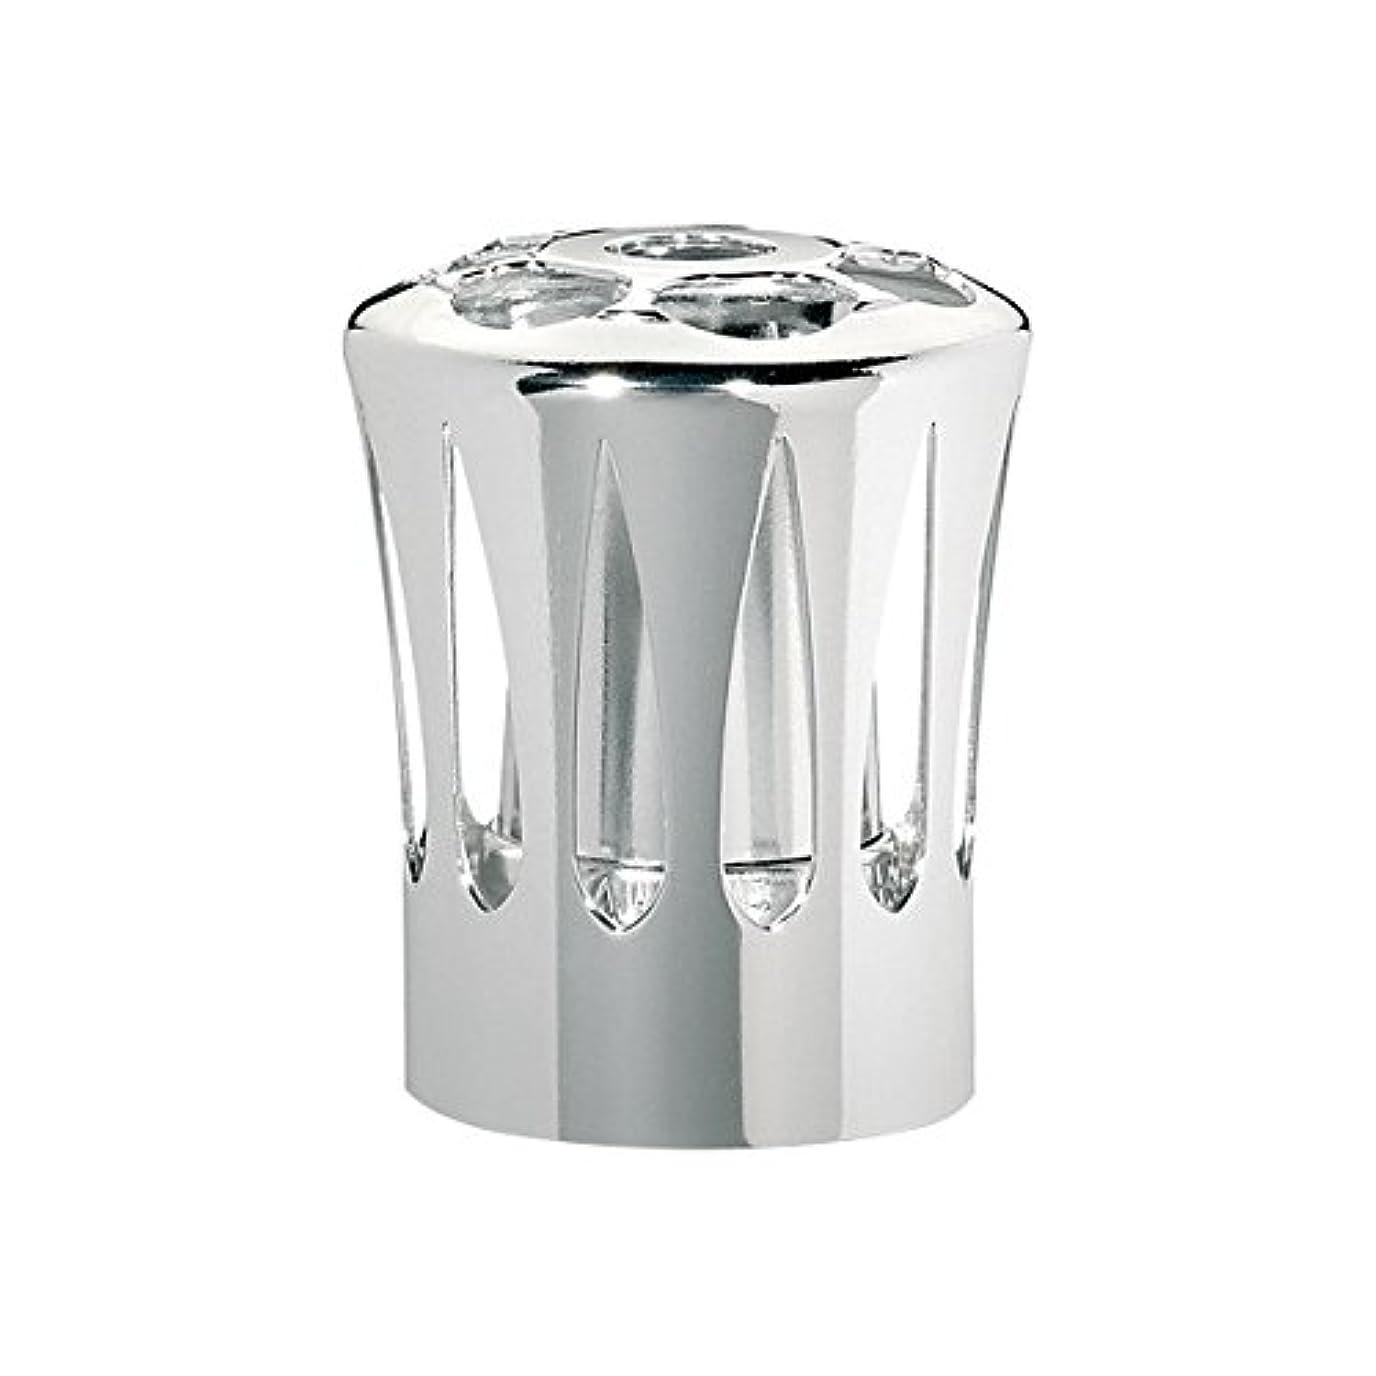 スクリーチ識字言うランプベルジェ(LAMPE BERGER) 安全キャップ【正規輸入品】飾り蓋シルバー